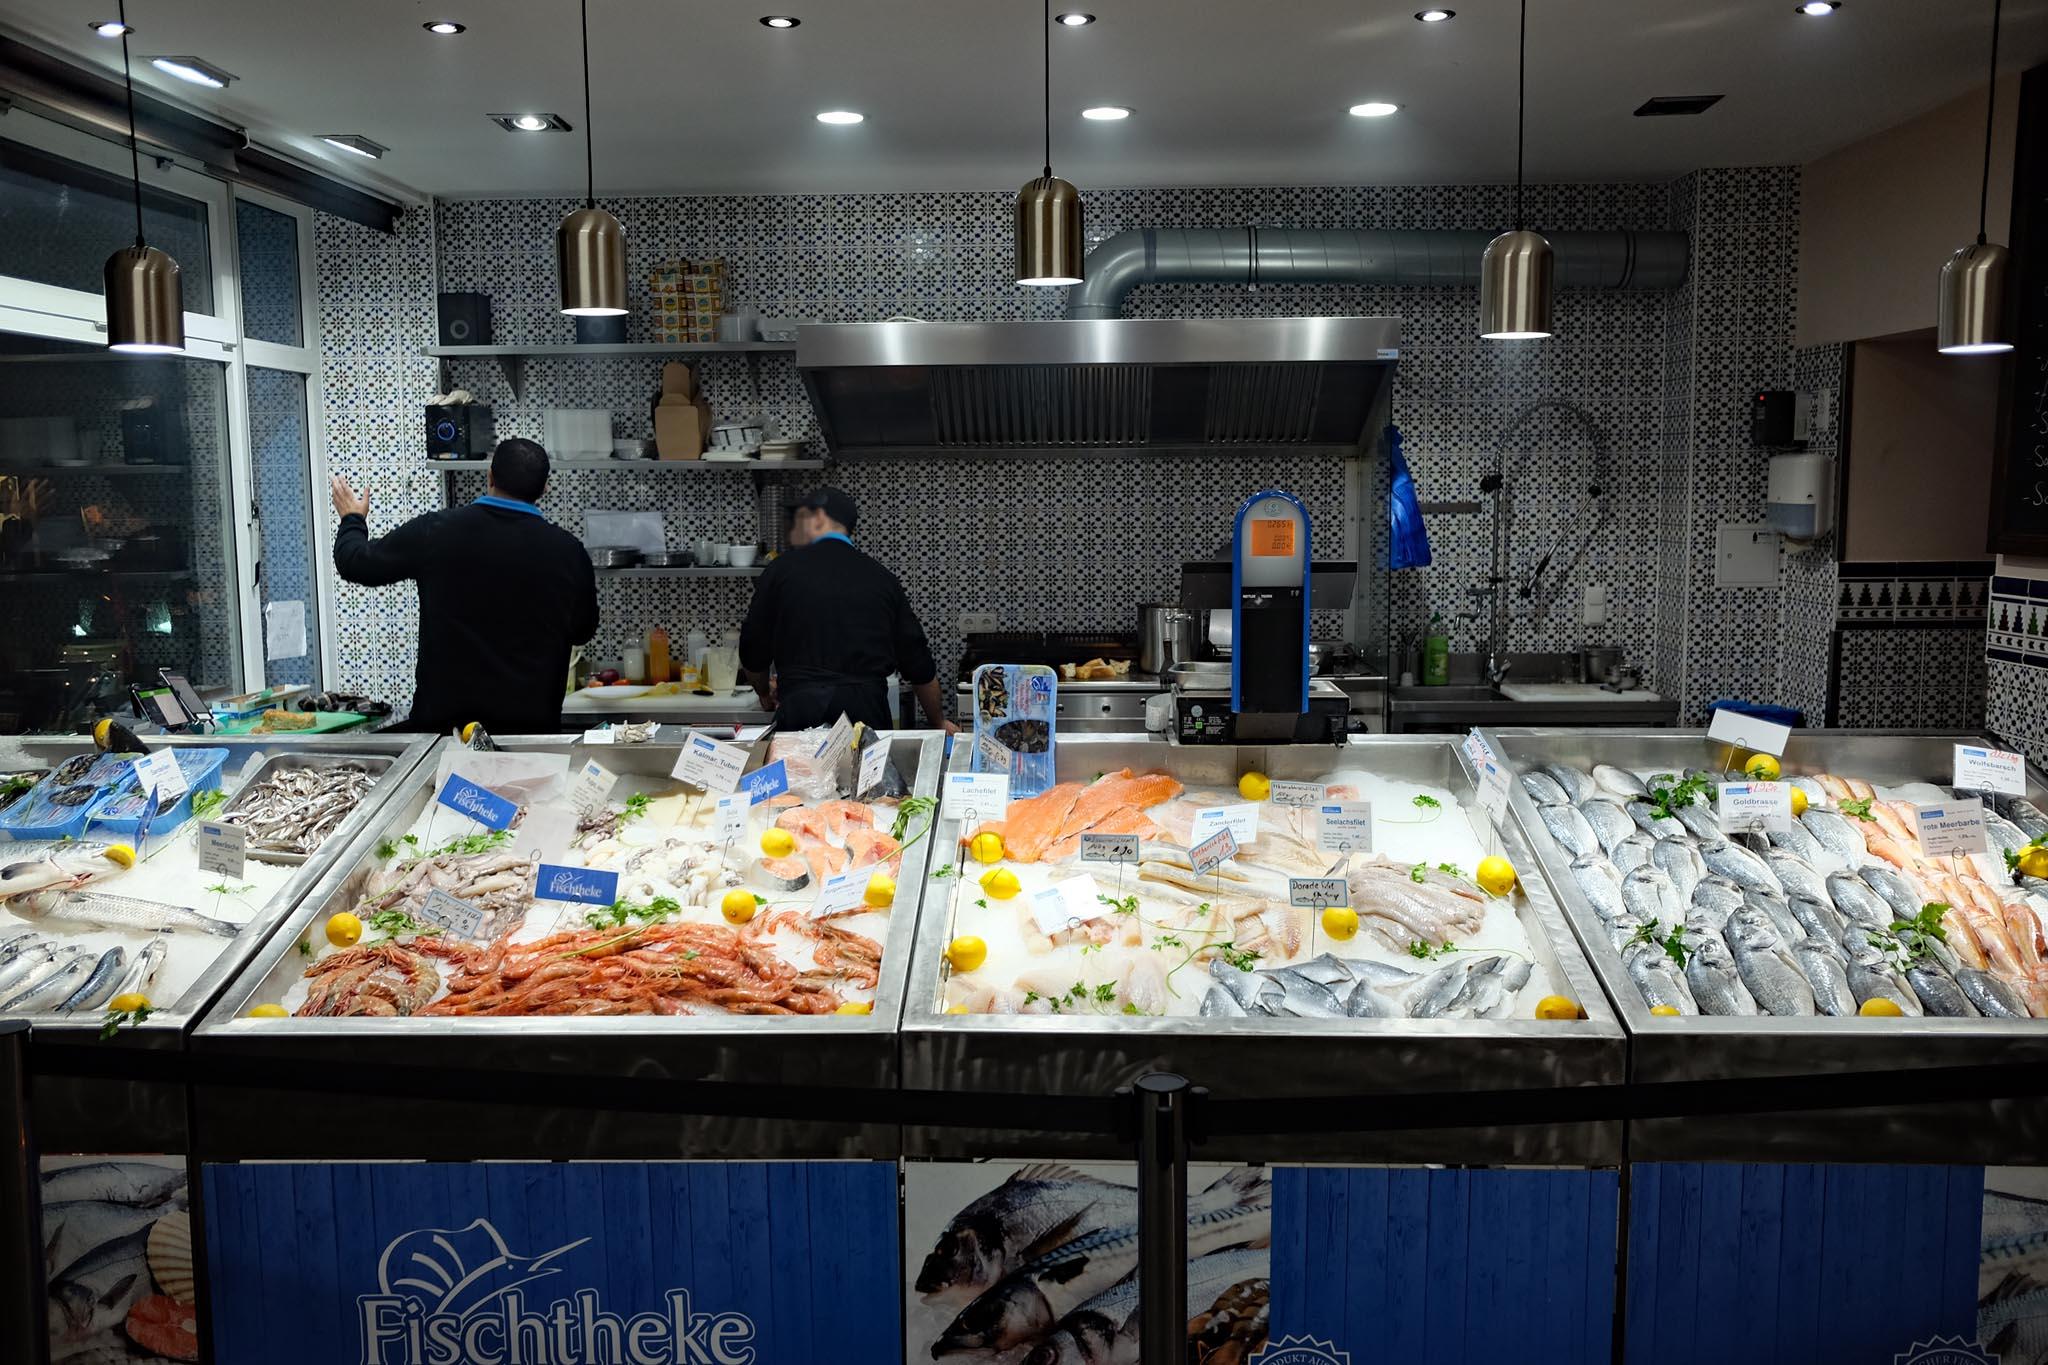 fischtheke sattundfroh